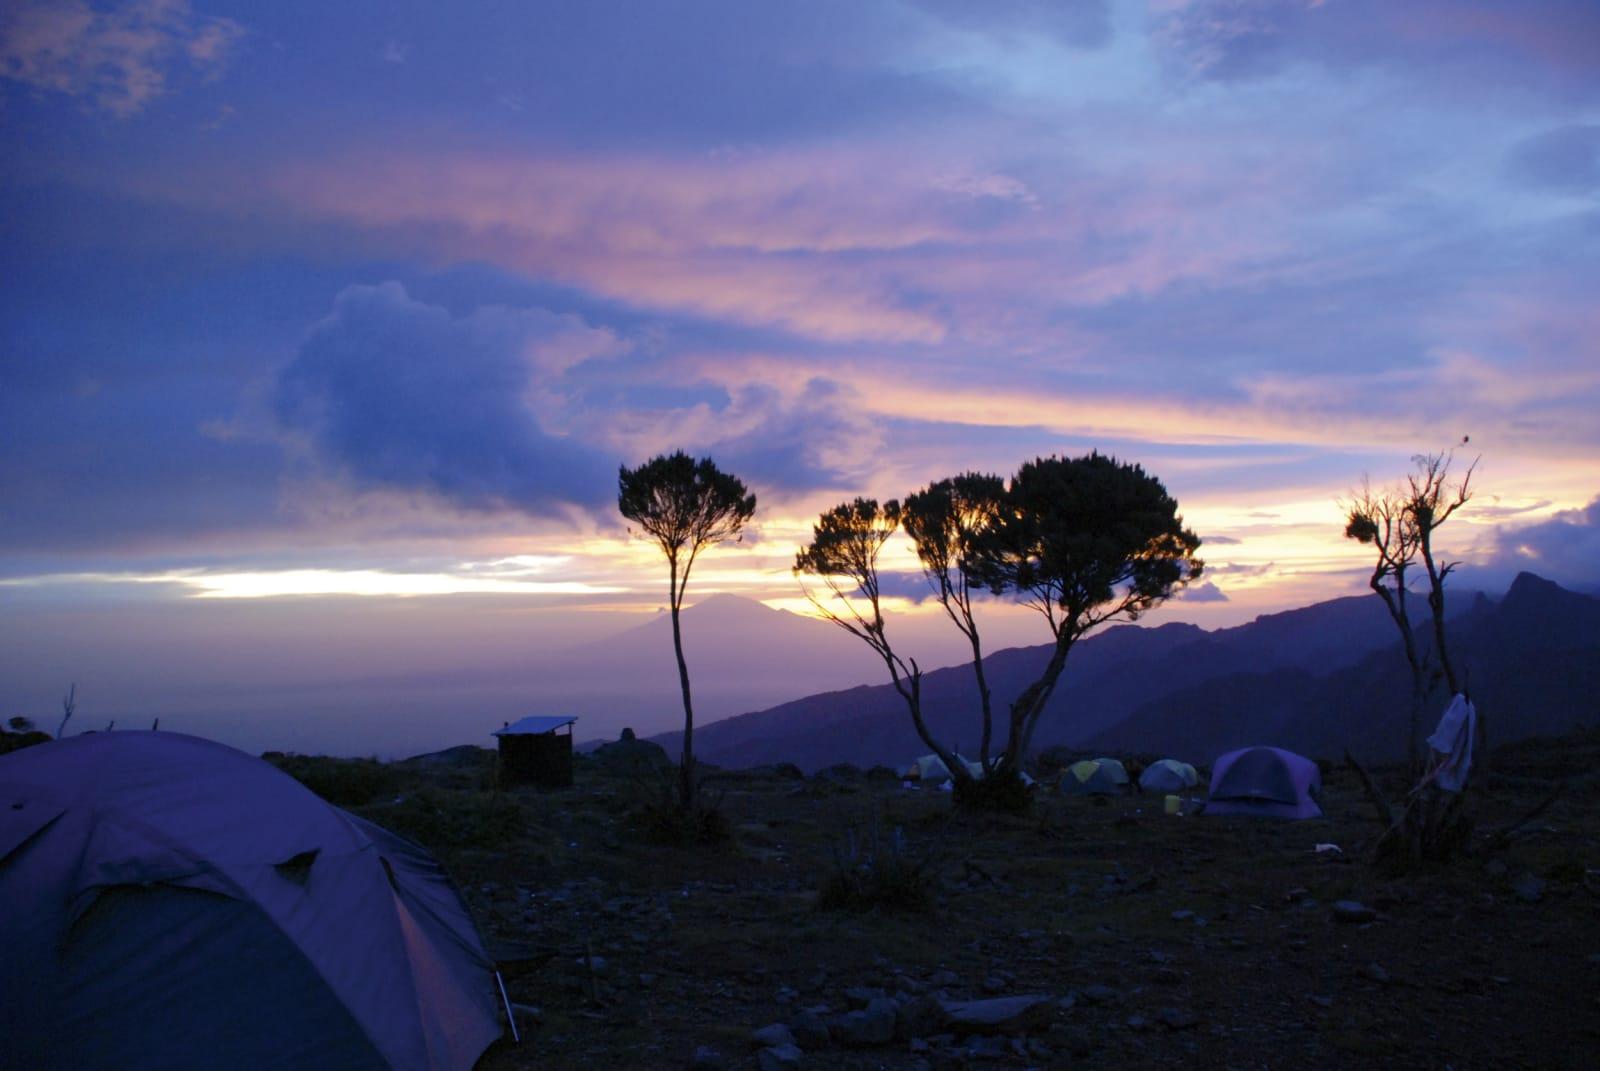 MAGISK: Det er vanskelig å beskrive en soloppgane på vei opp til Kilimanjaro. Lyset, temperaturen, lydene. Det er intenst å være på vei til toppen av Arika. Foto: Erling Rosenstrøm.